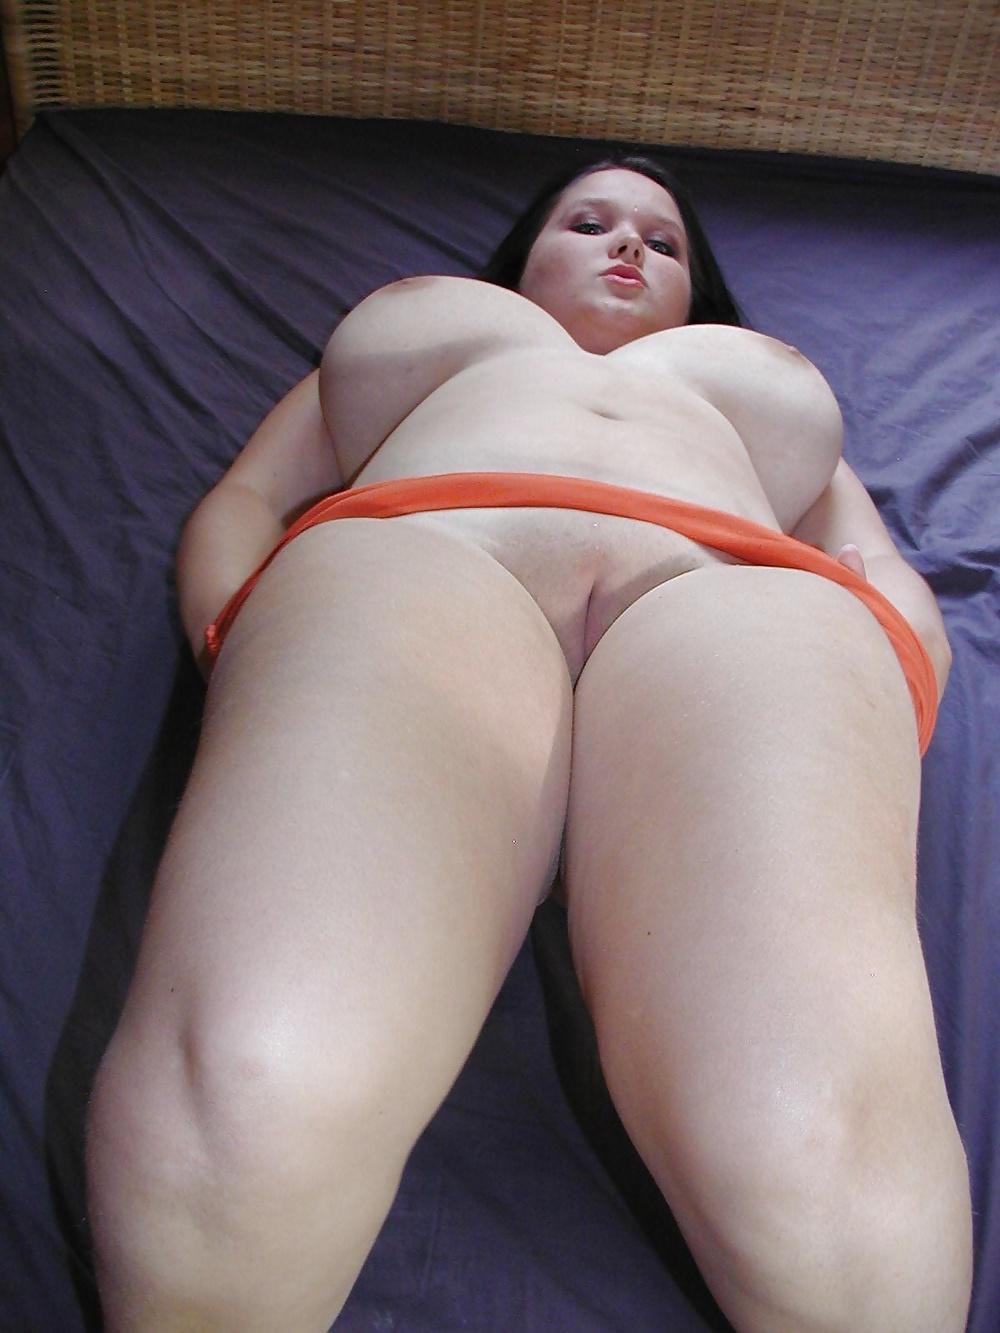 foto-ogromnie-lyazhki-golie